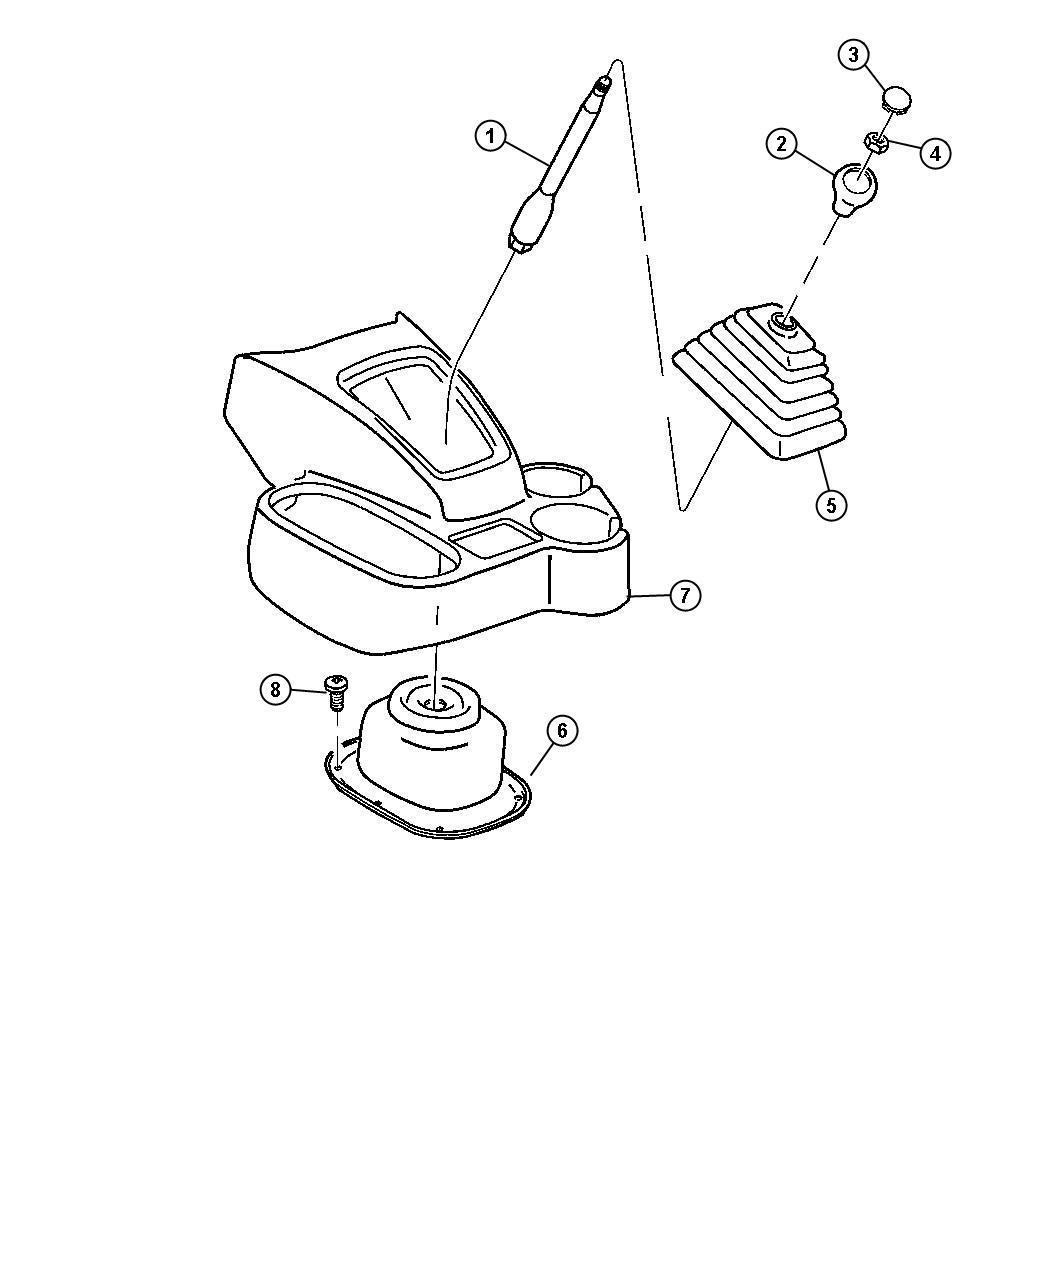 2012 Dodge Ram 5500 Boot. Gear shift lever. Upper. [6